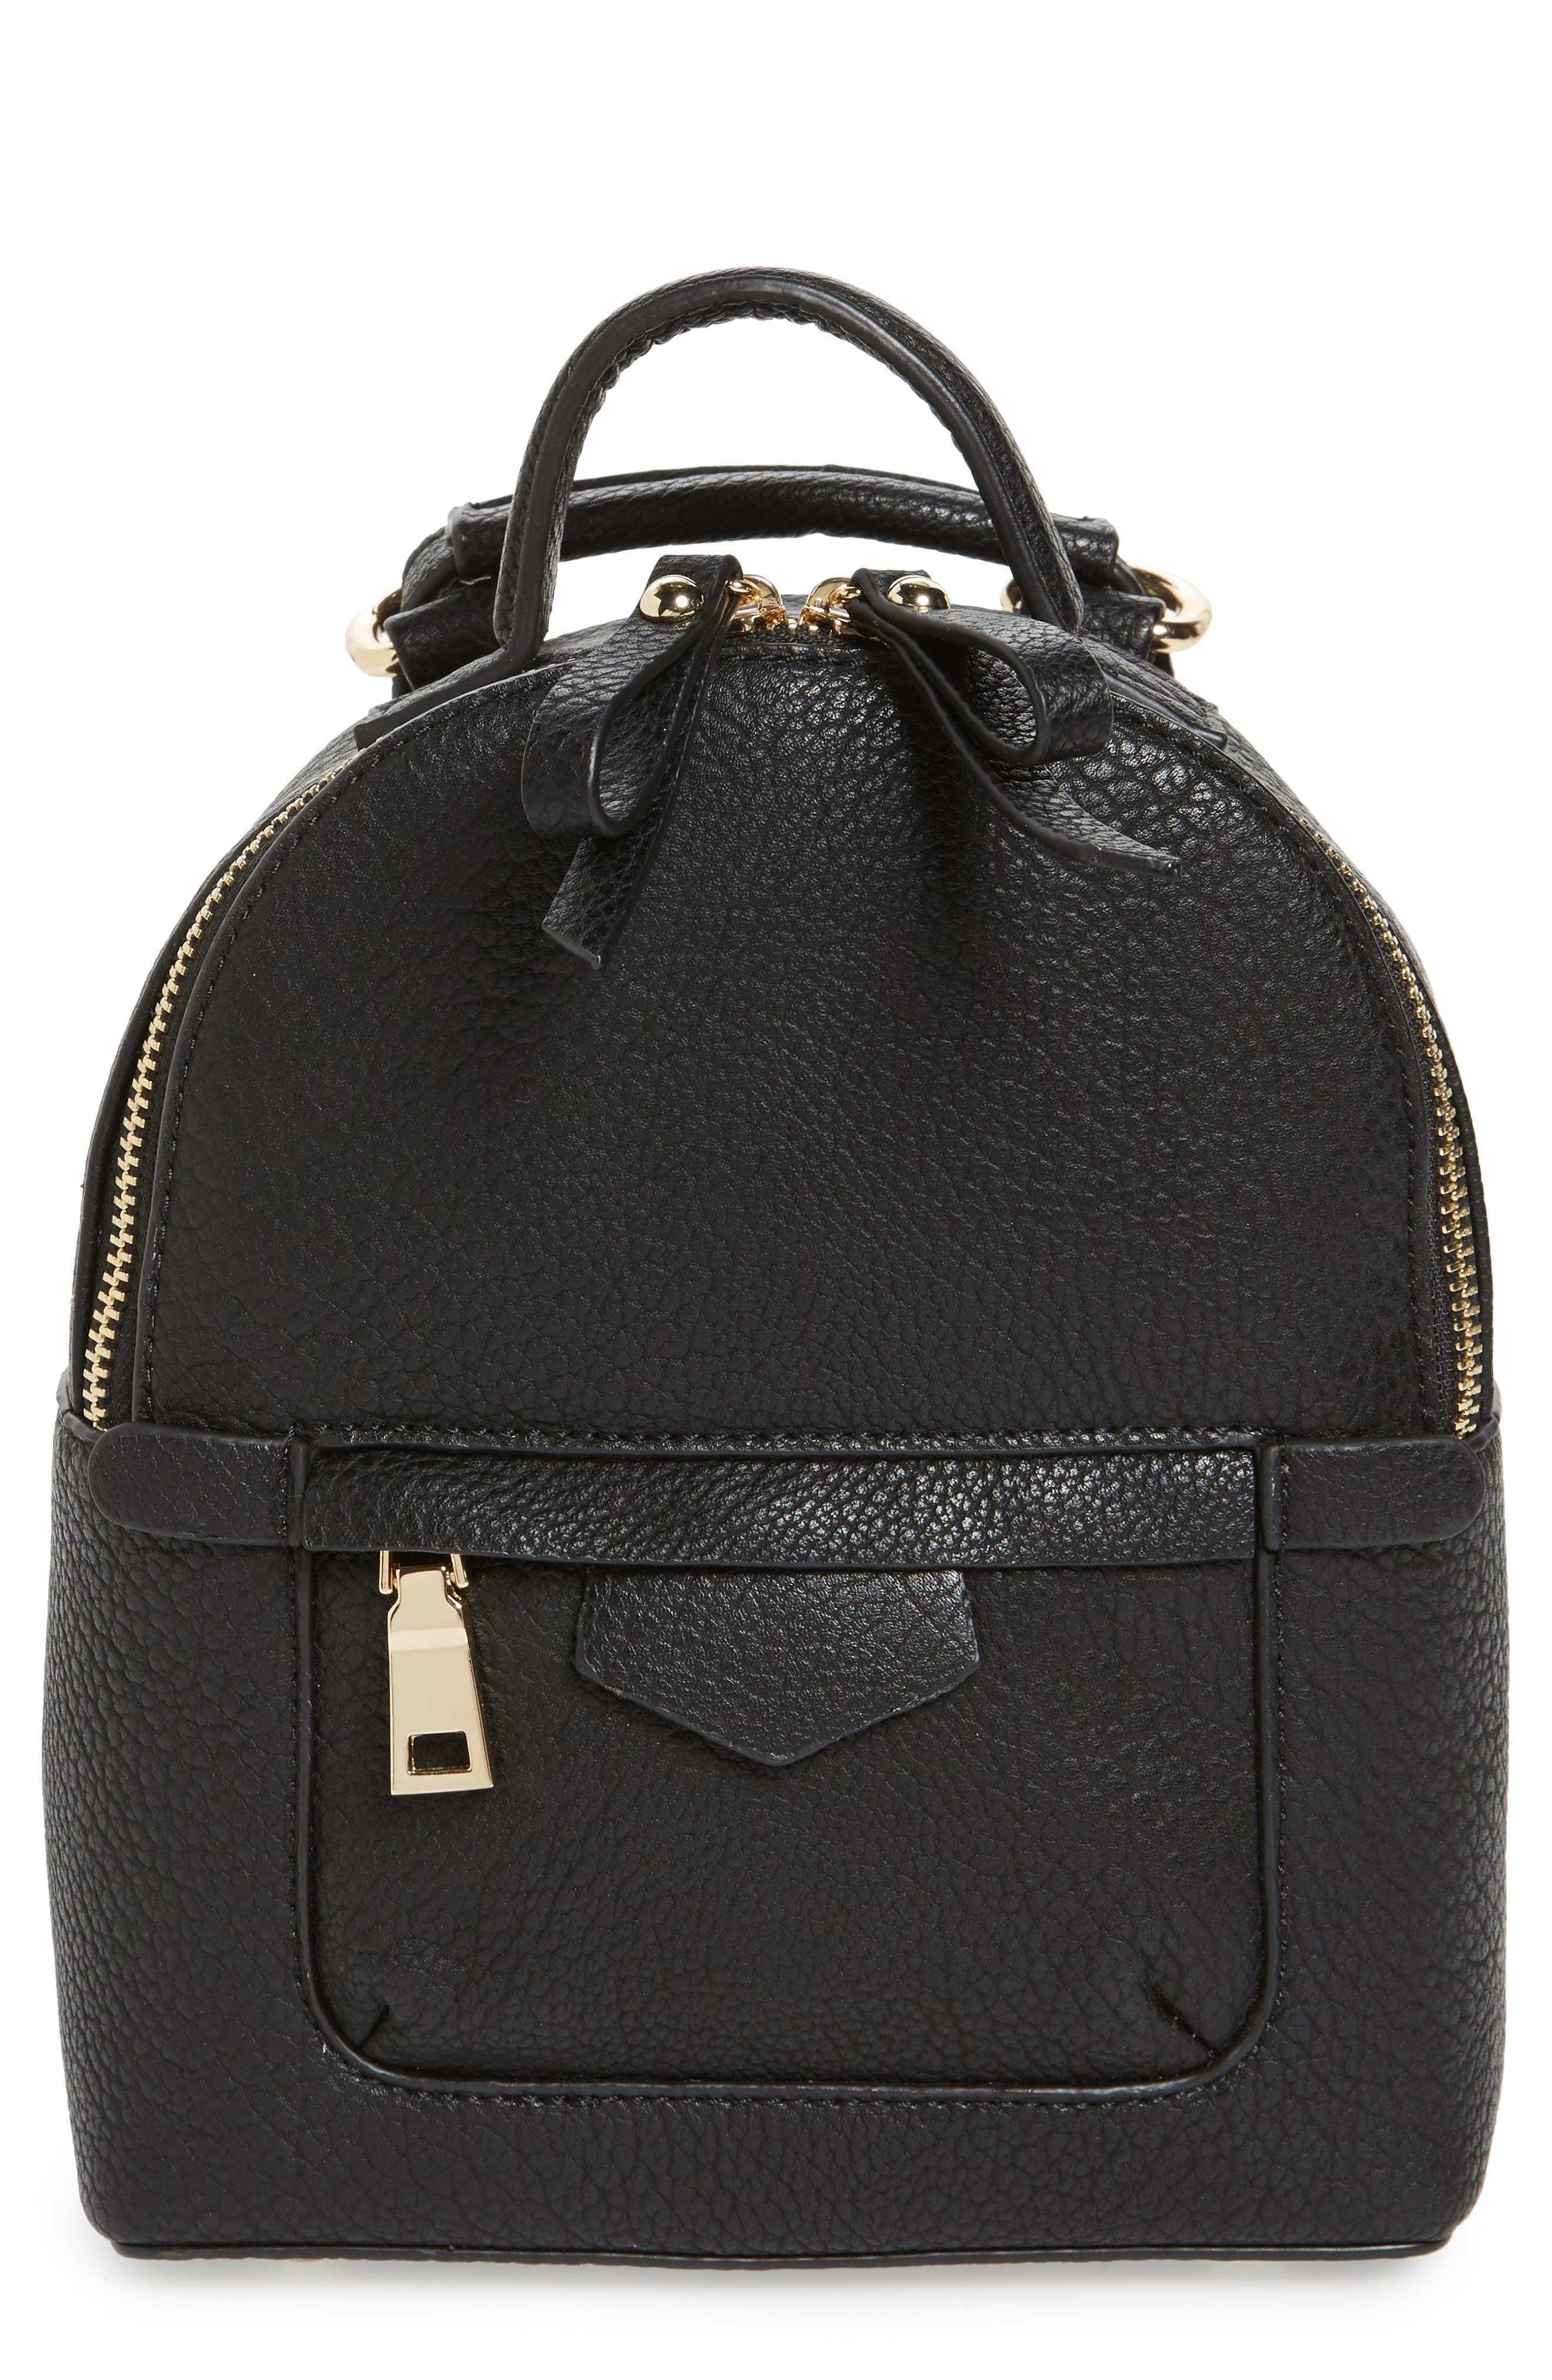 Alternate Image 1 Selected - BP. Mini Backpack Crossbody Bag